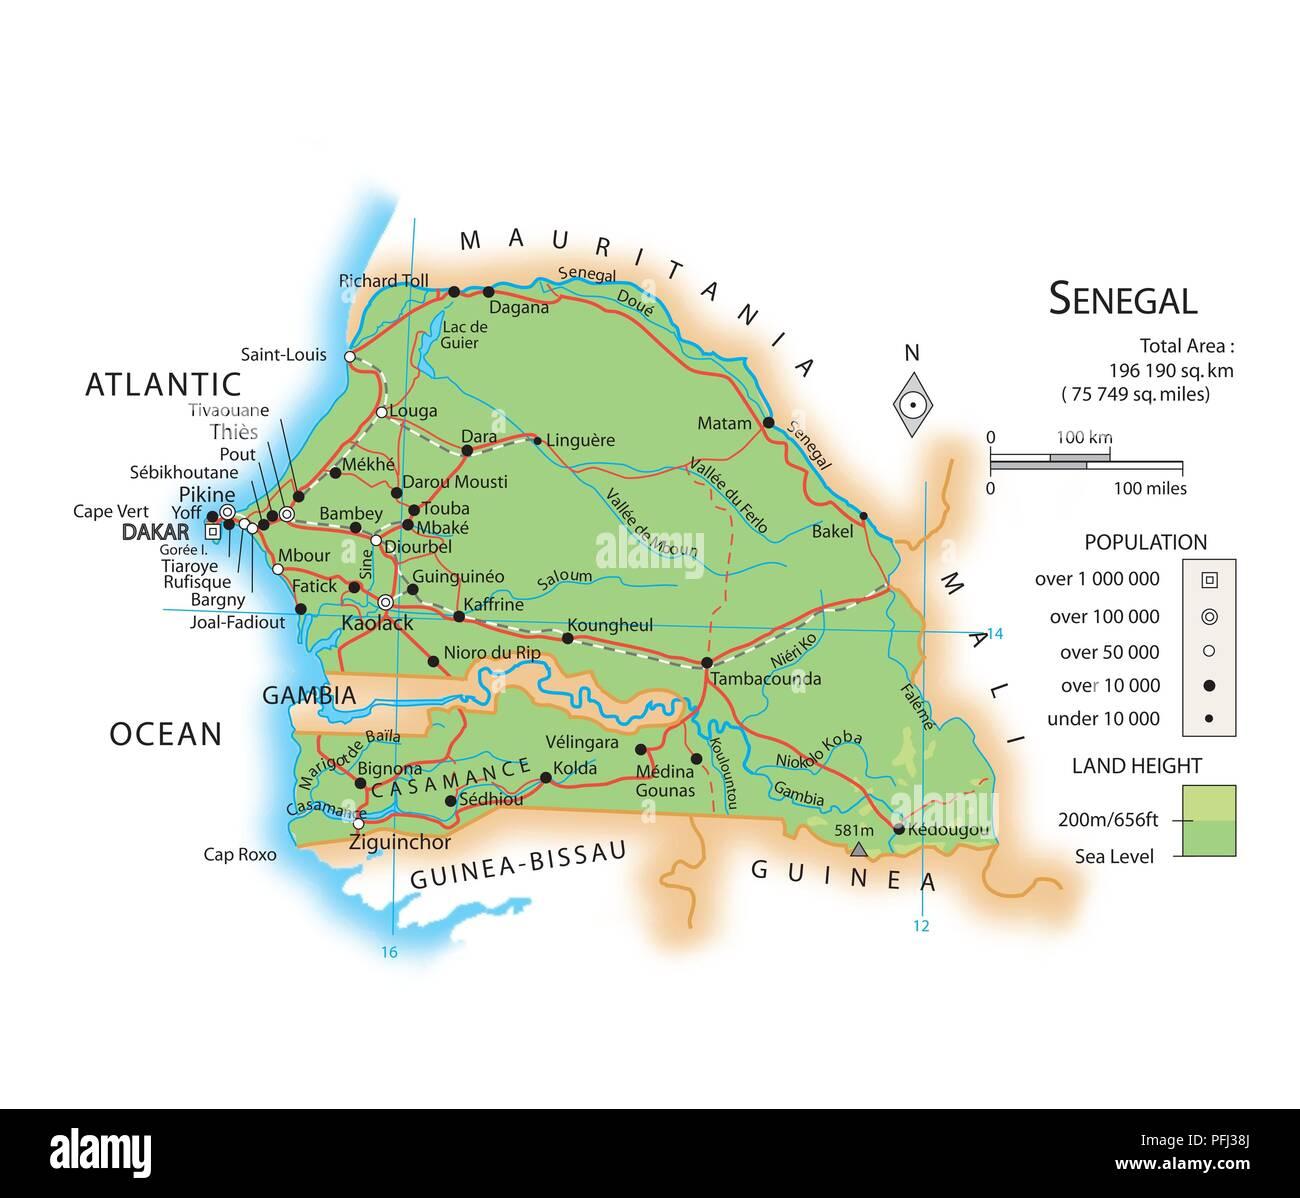 Cartina Fisica Senegal.Map Of Senegal Stock Photo 216141986 Alamy